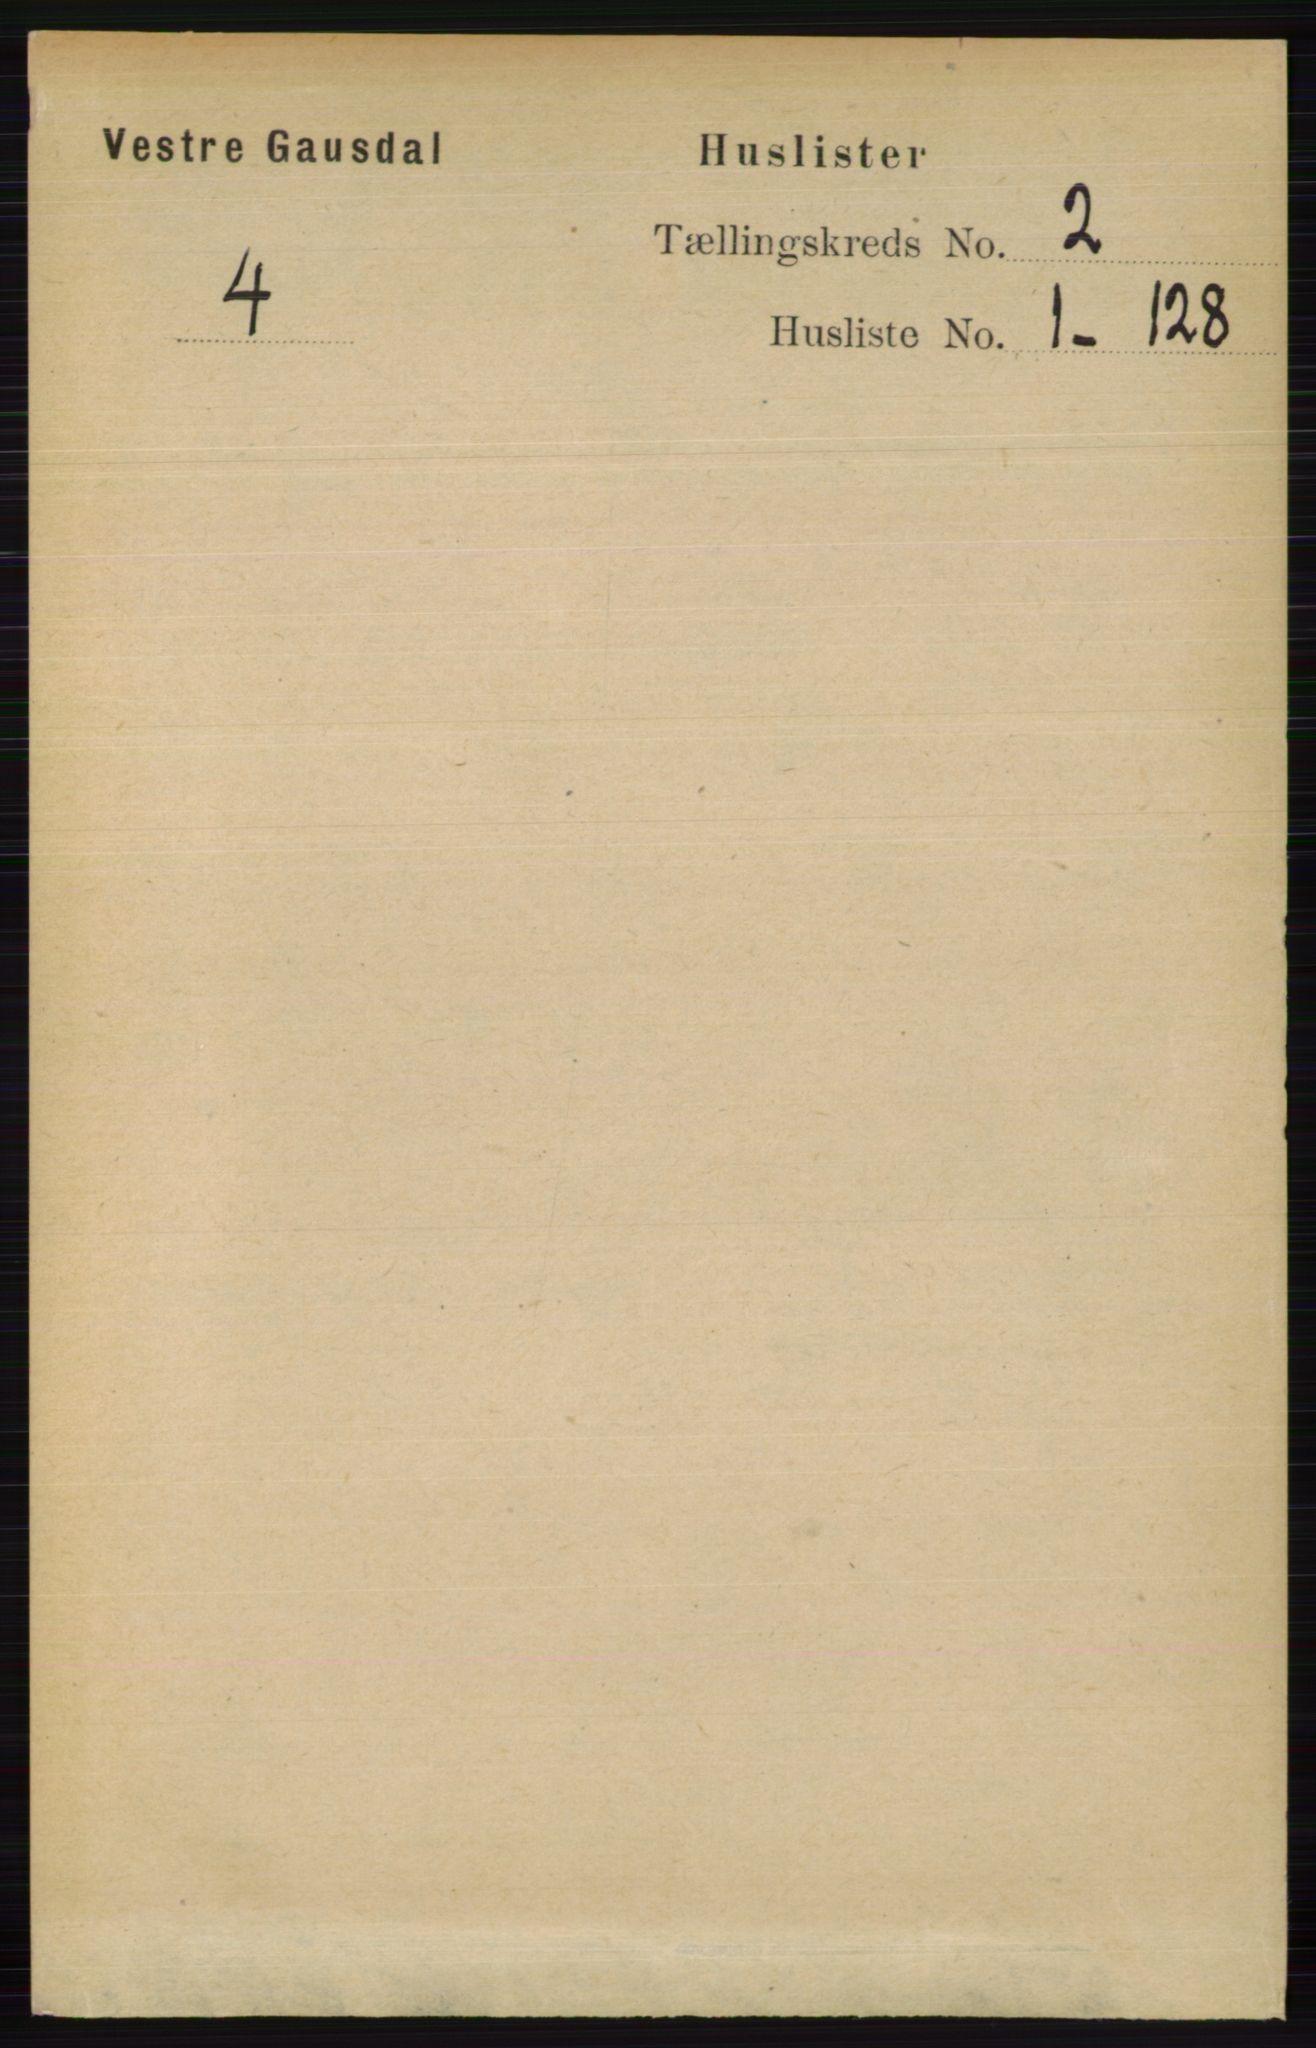 RA, Folketelling 1891 for 0523 Vestre Gausdal herred, 1891, s. 384